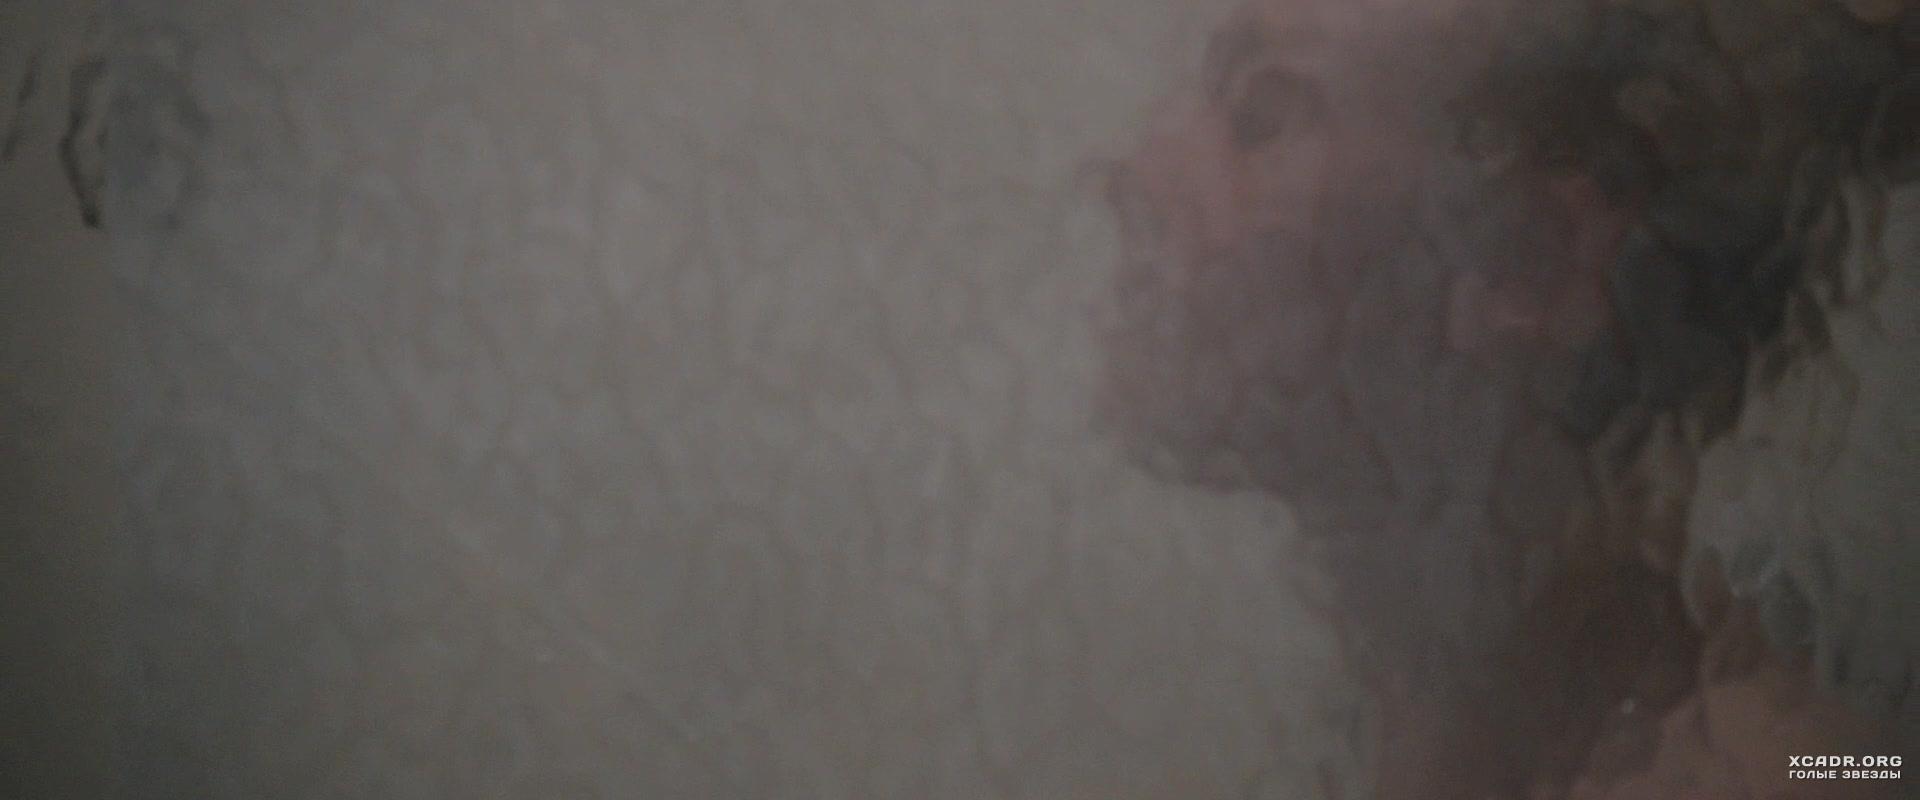 Эротическое фото с душем 16 фотография